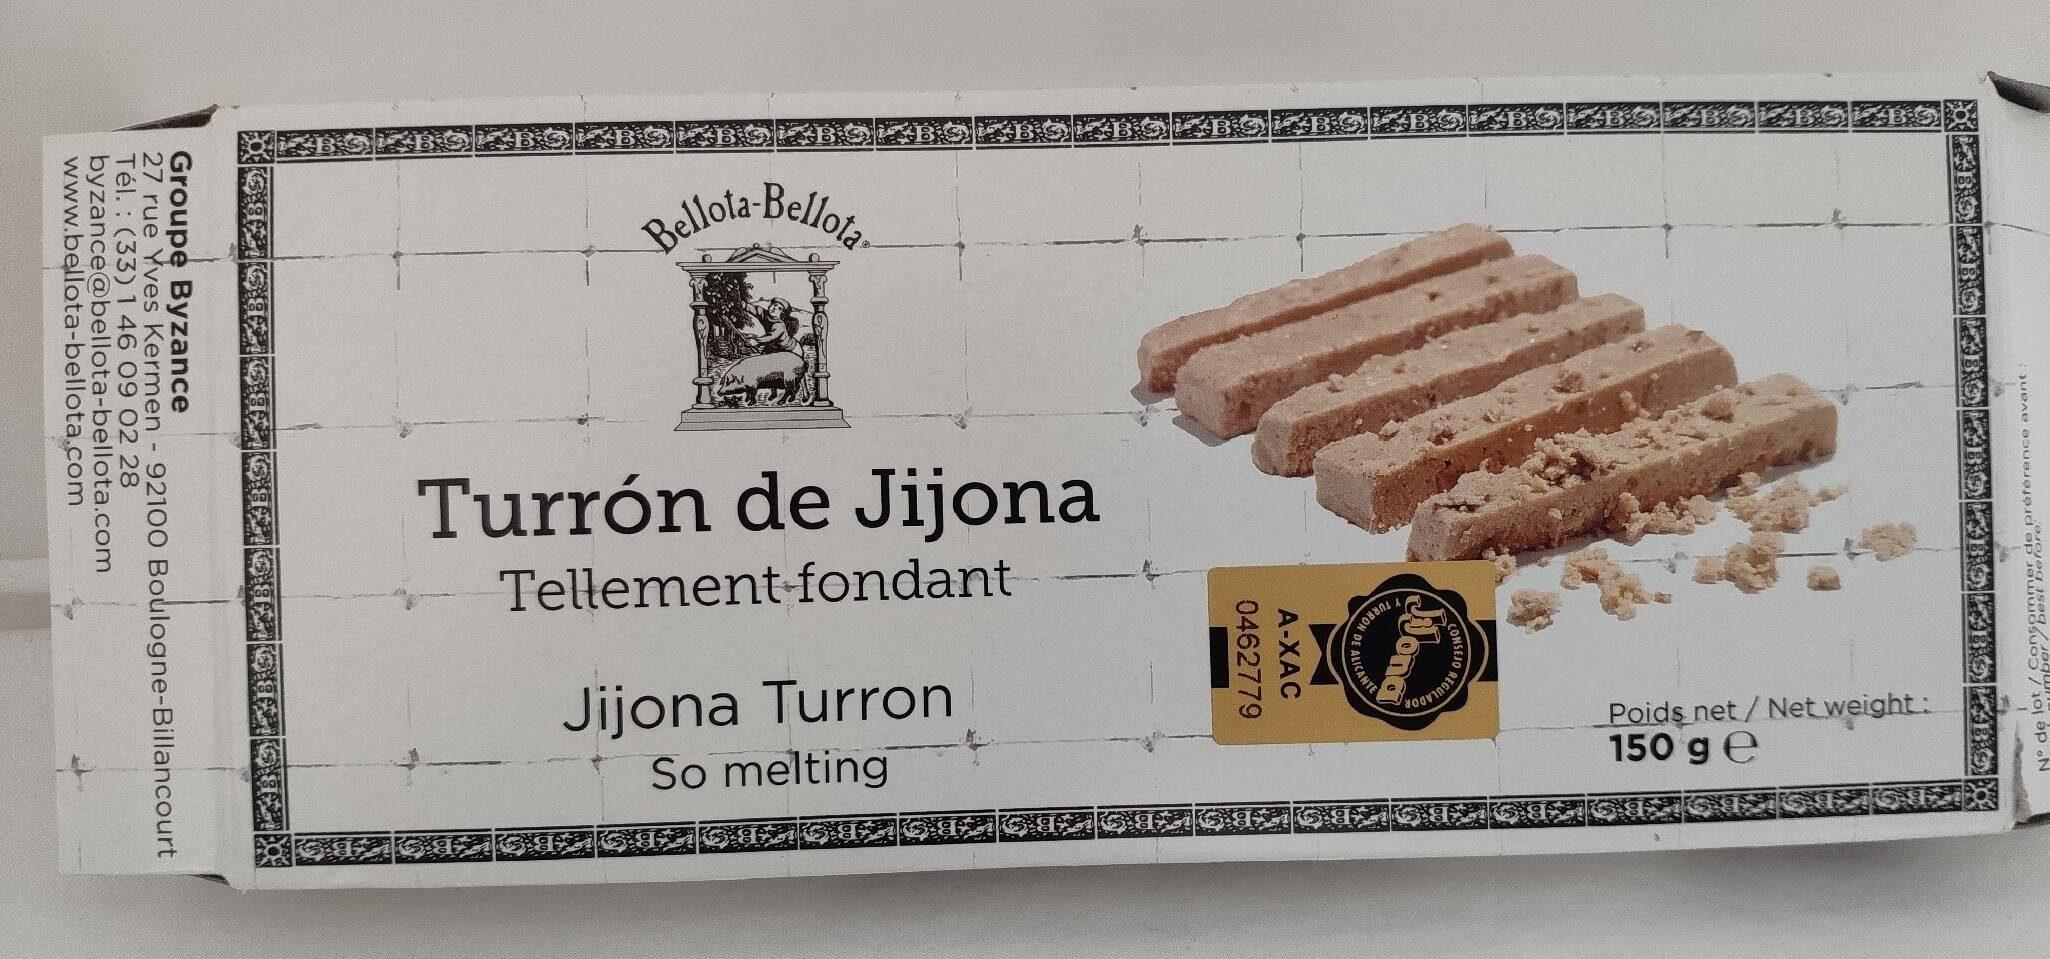 Turròn de Jijona - Product